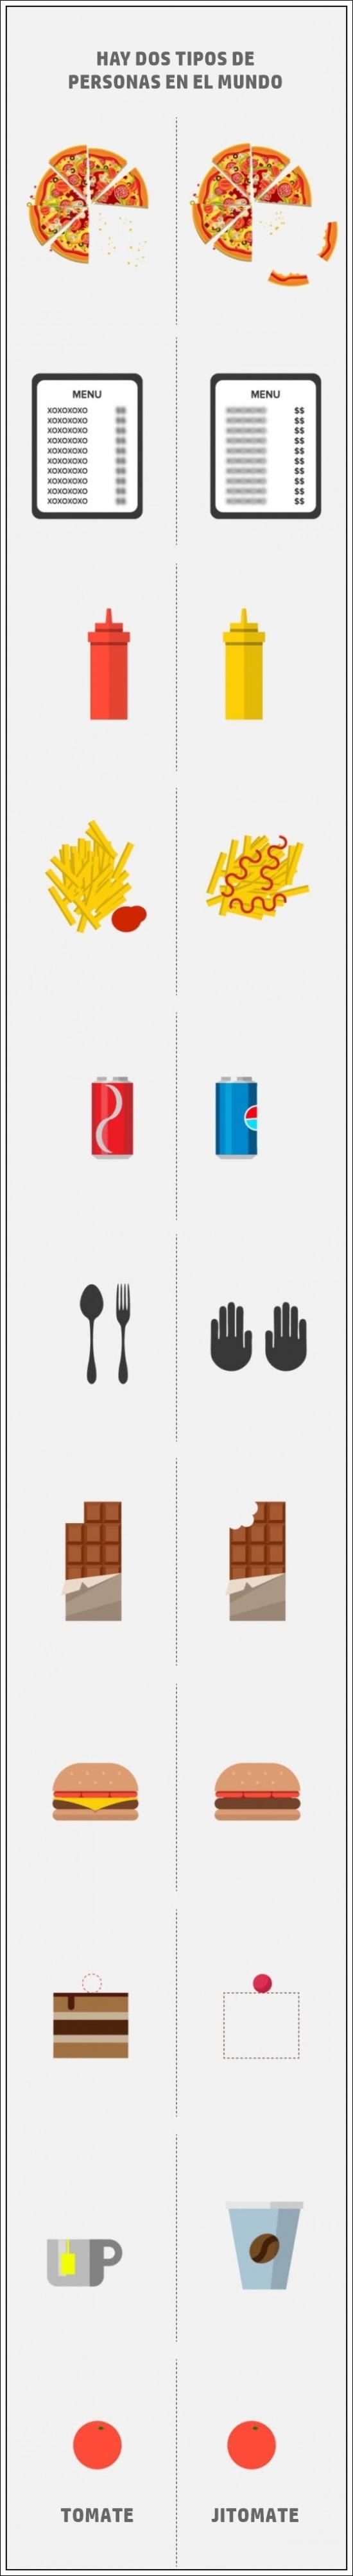 Otros - Diferentes tipos de personas ¿Cuál eres tú?